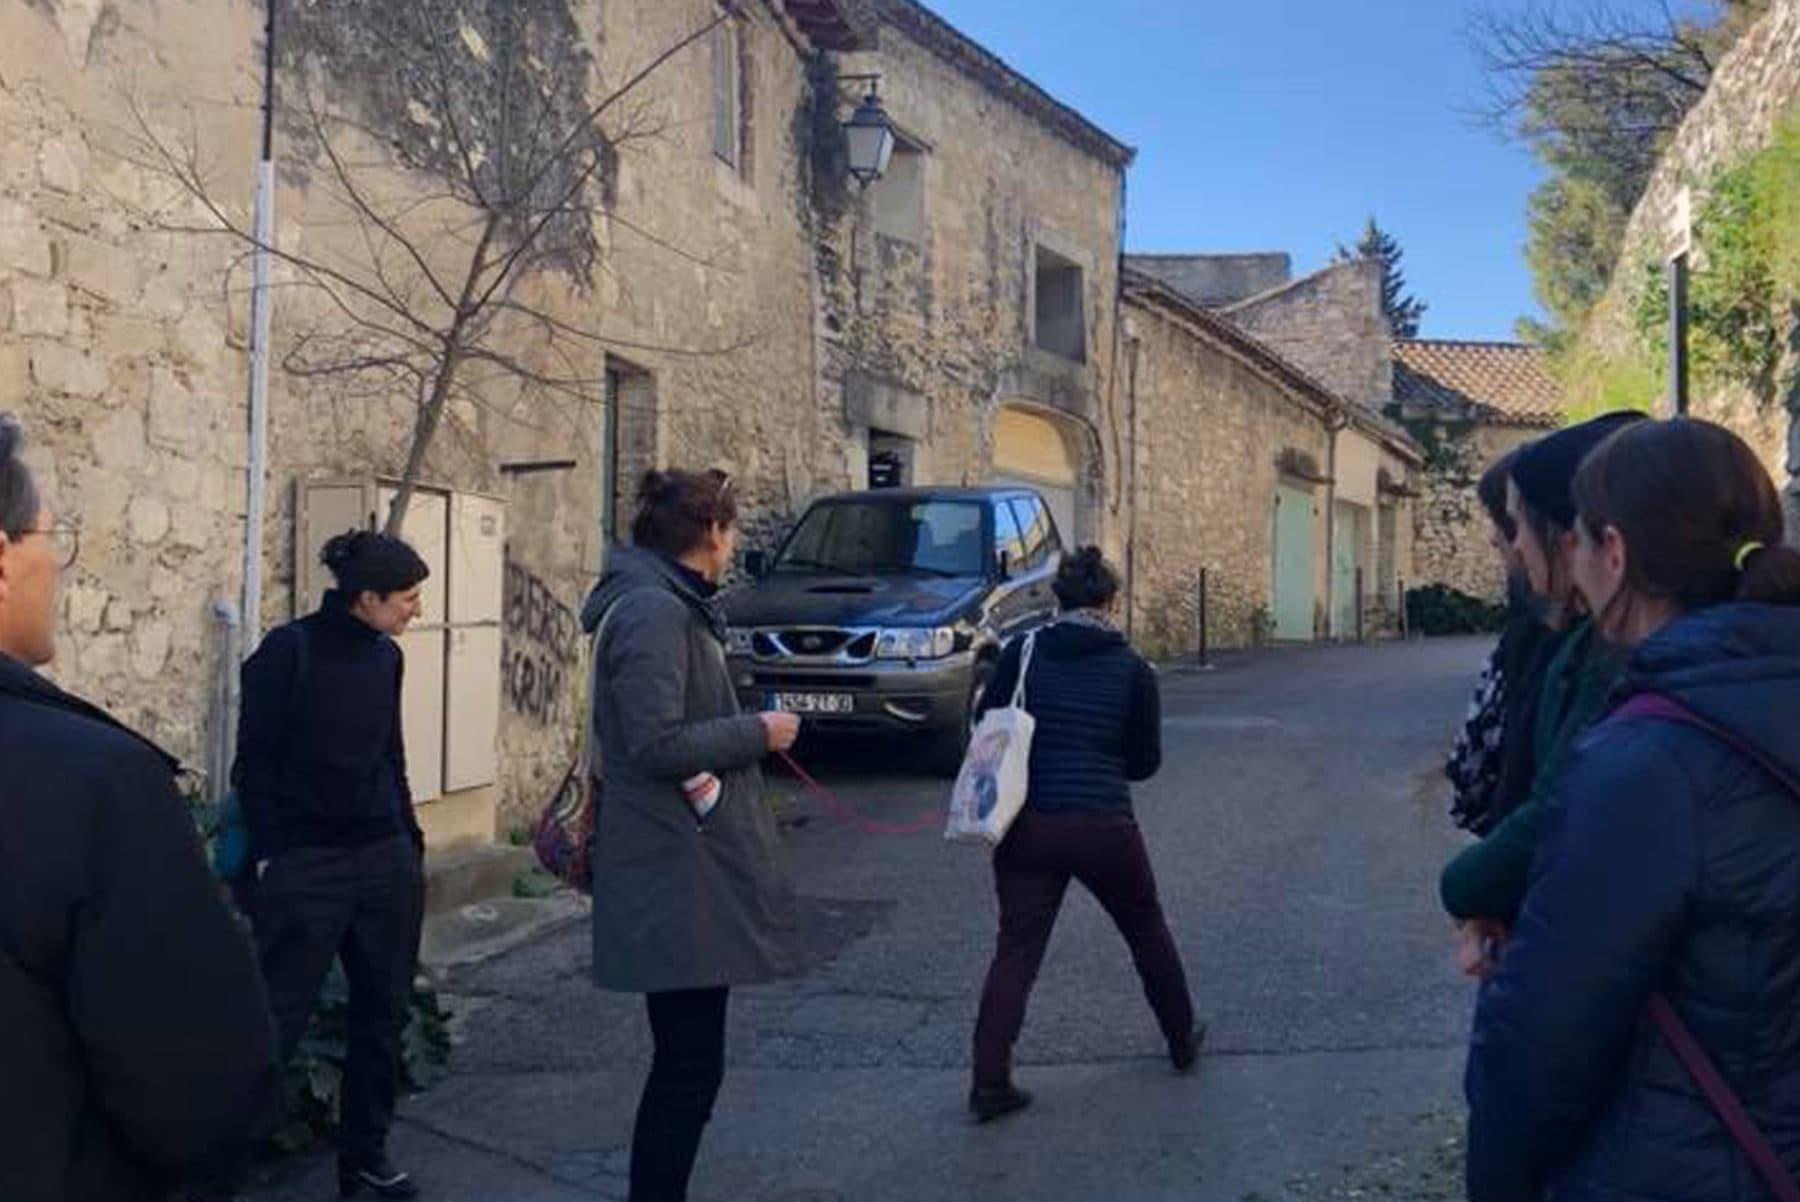 Du 18 au 22 mars > La Chartreuse (Villeneuve-lez-Avignon)